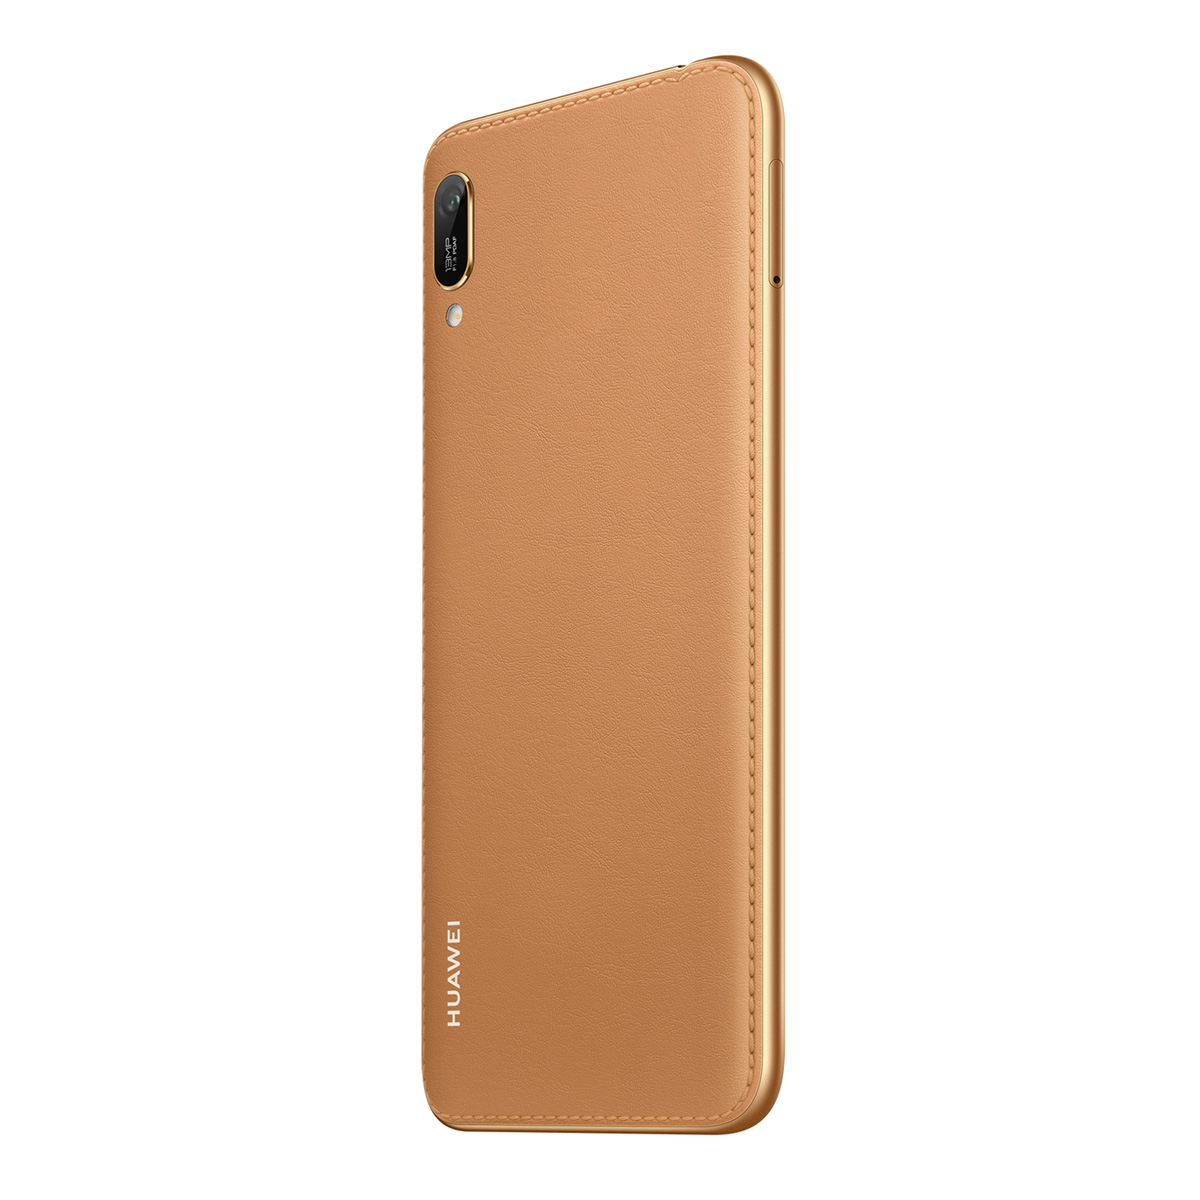 Buy Huawei Y6 Pro (2019) (3GB+32GB) (Brown)   Model HU-Y6